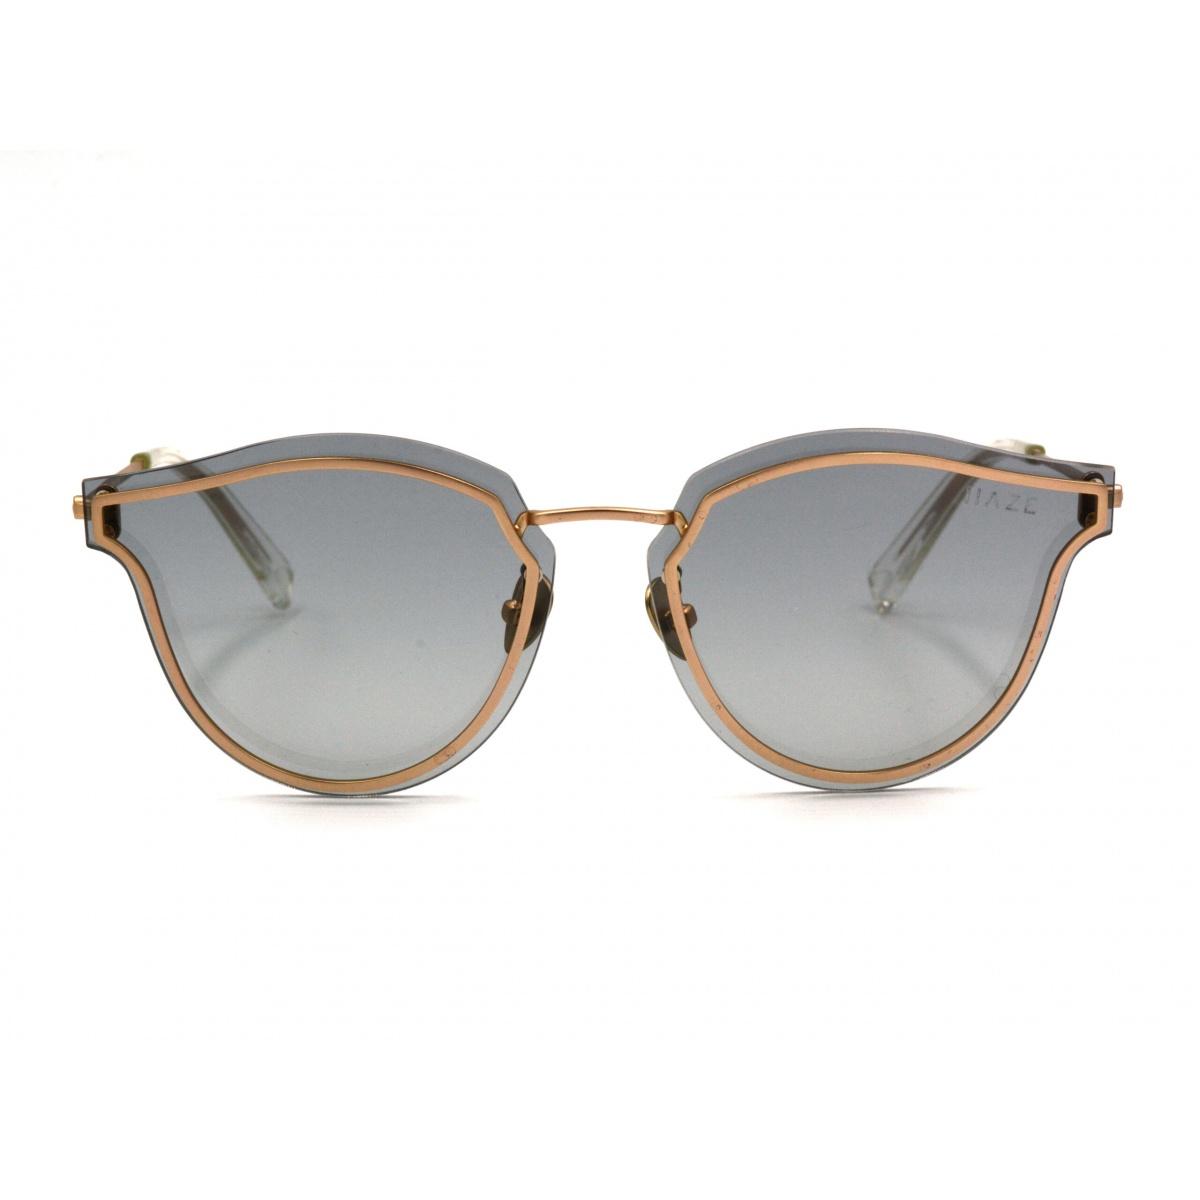 Γυαλιά ηλίου HAZE COLLECTION NEW YORK NEXUS-4BK 64-12-145